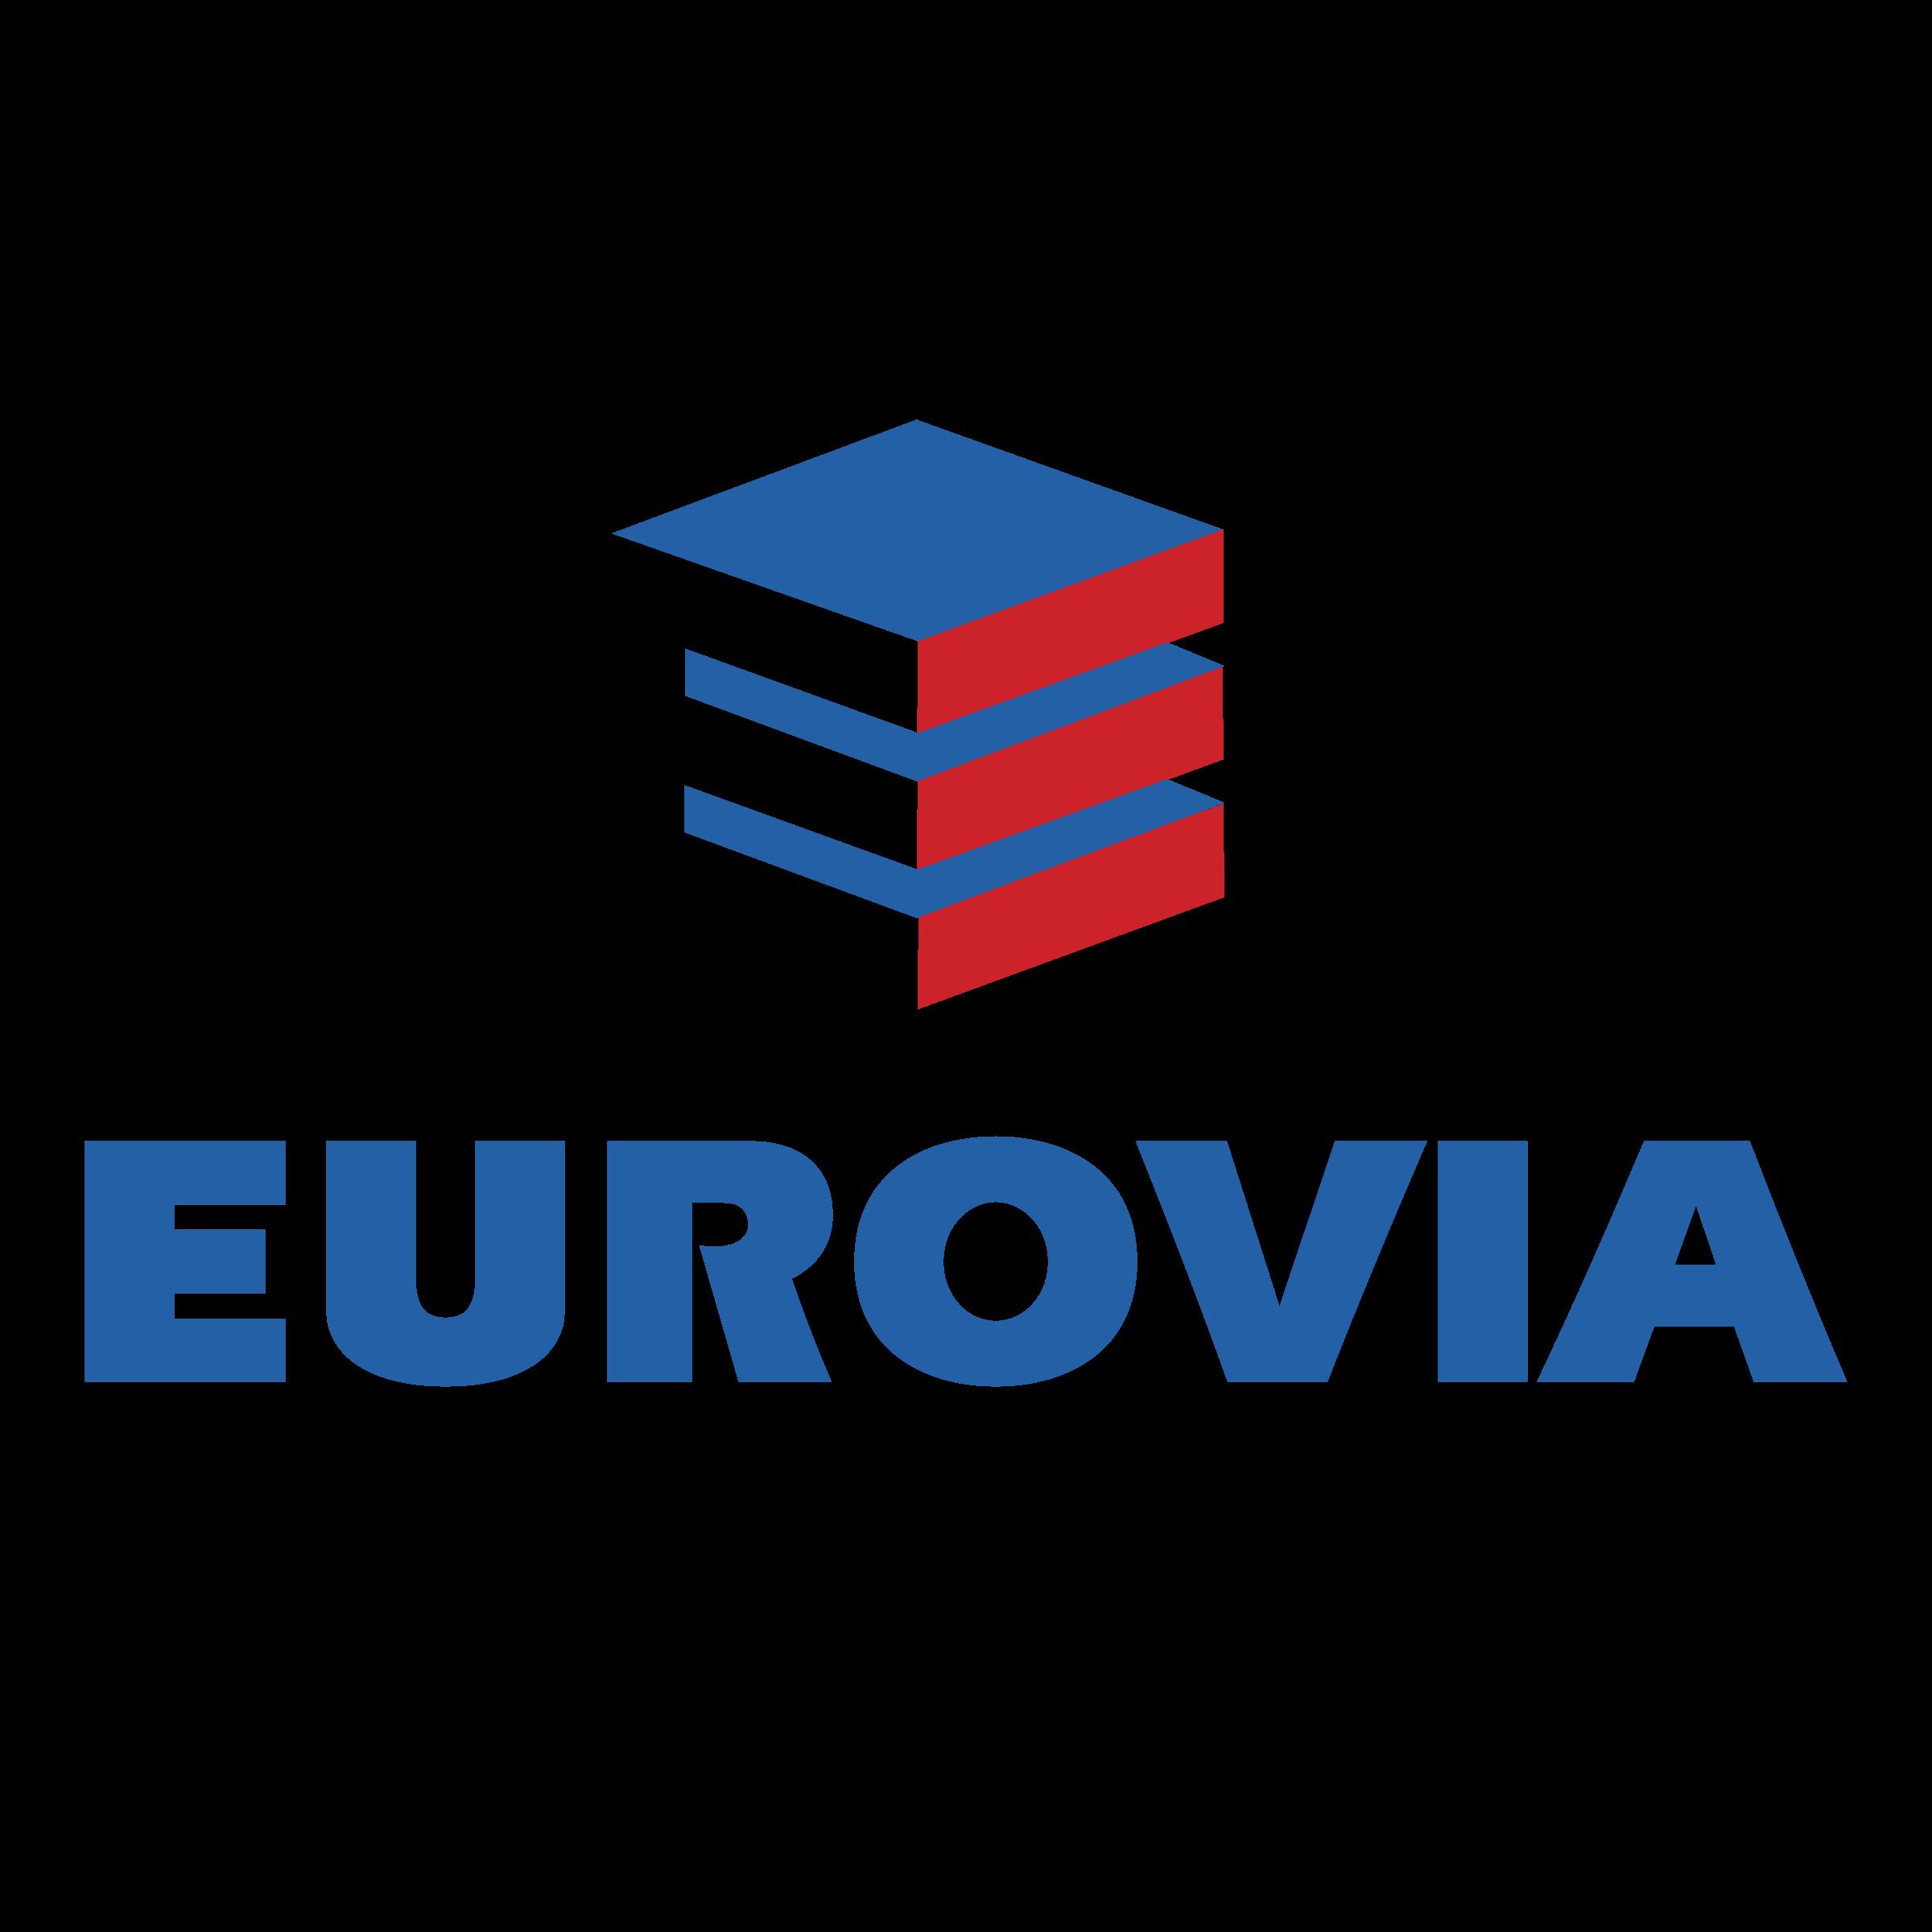 eurovia-logo-png-transparent